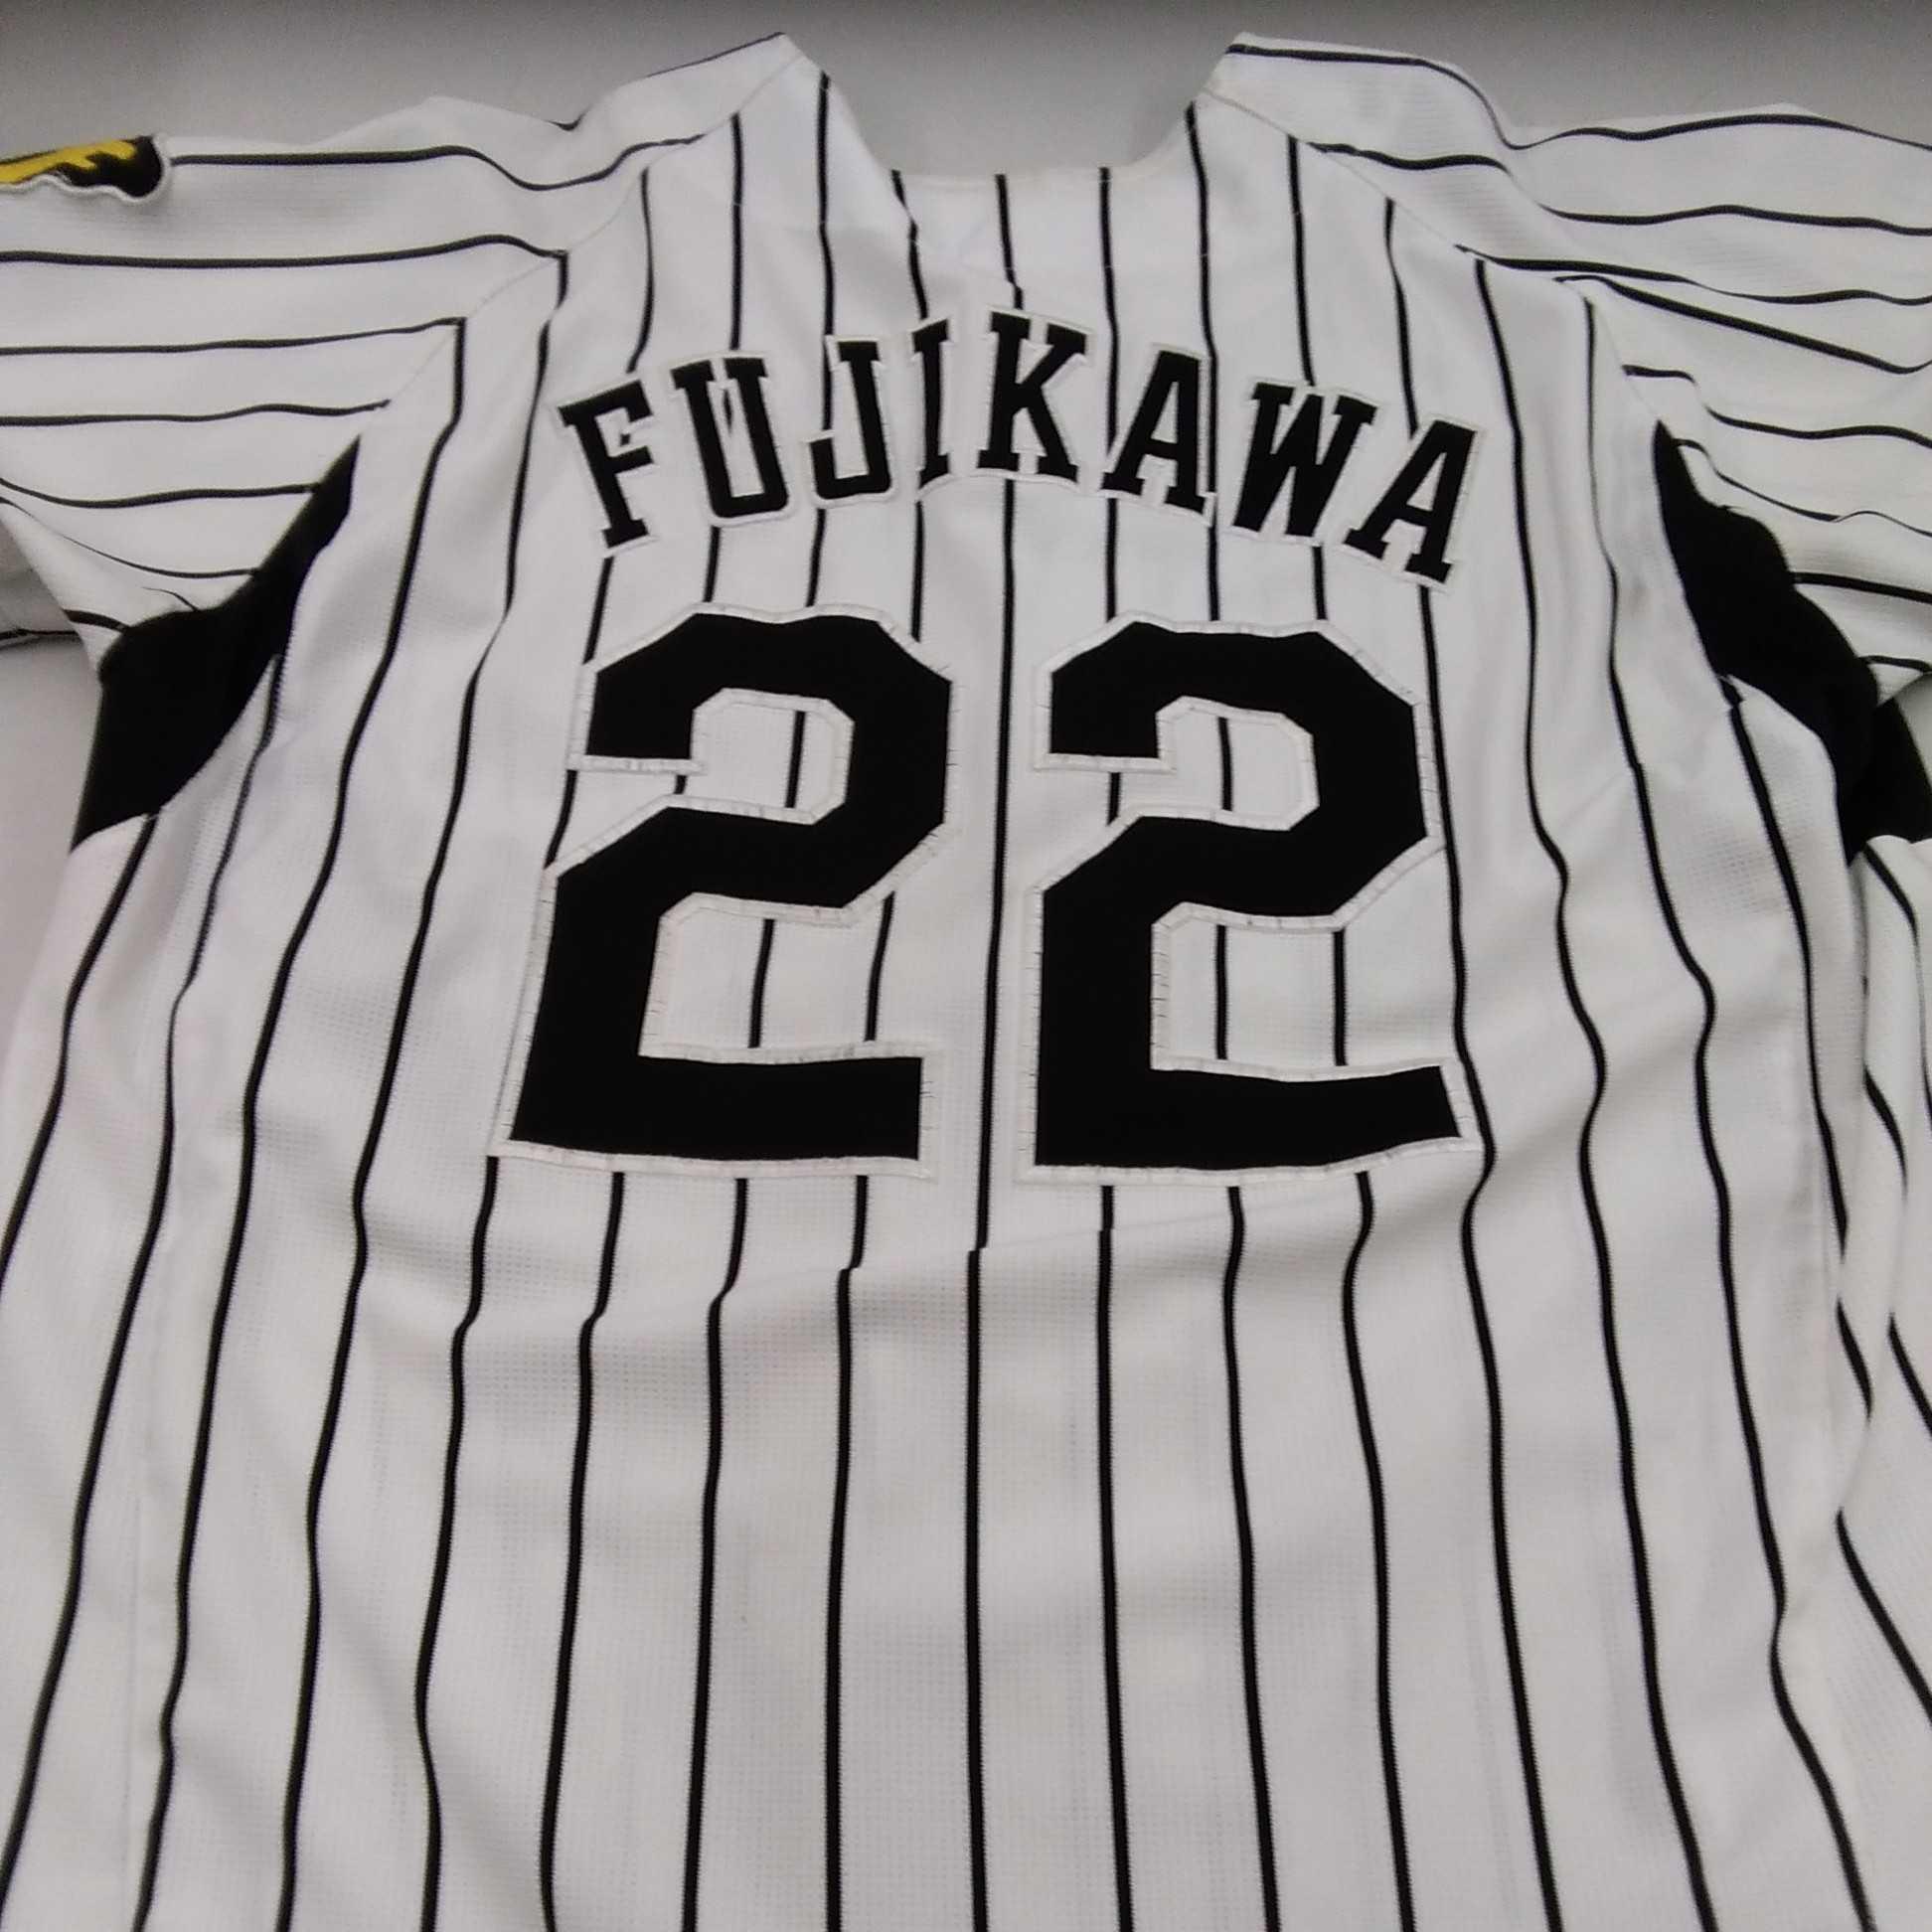 野球ユニホーム 阪神タイガース